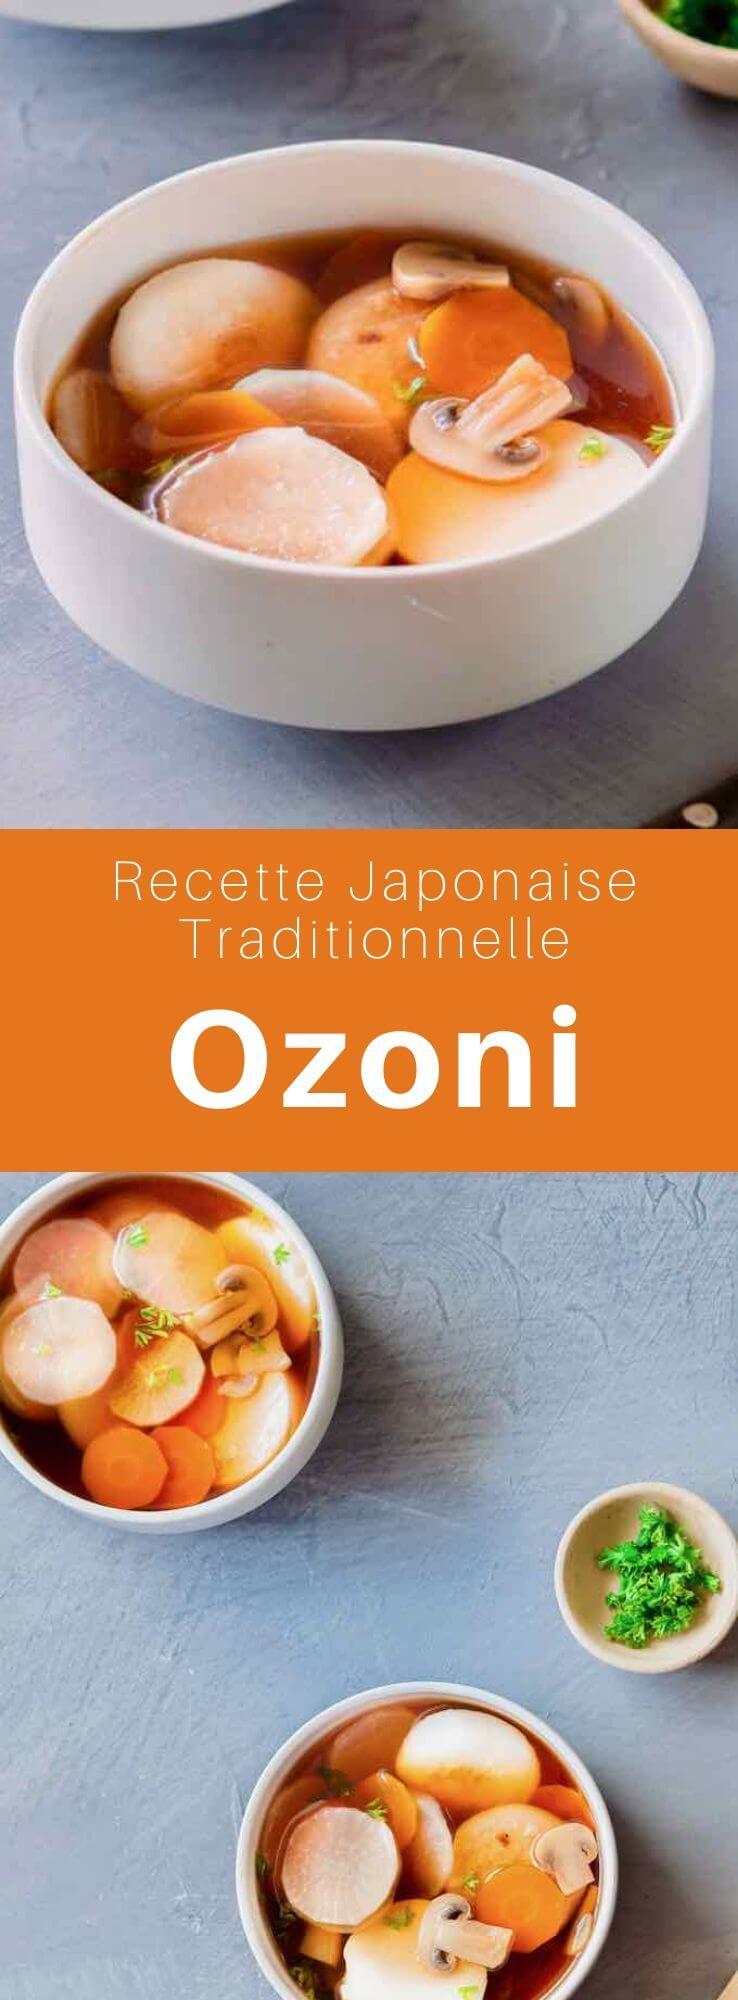 L'ozoni ou zoni (雑煮 ) est une soupe spéciale à base de mochi (gâteau de riz) traditionnellement consommée le matin du jour de l'an au Japon. #Japon #CuisineJaponaise #RecetteJaponaise #CuisineDuMonde #196flavors